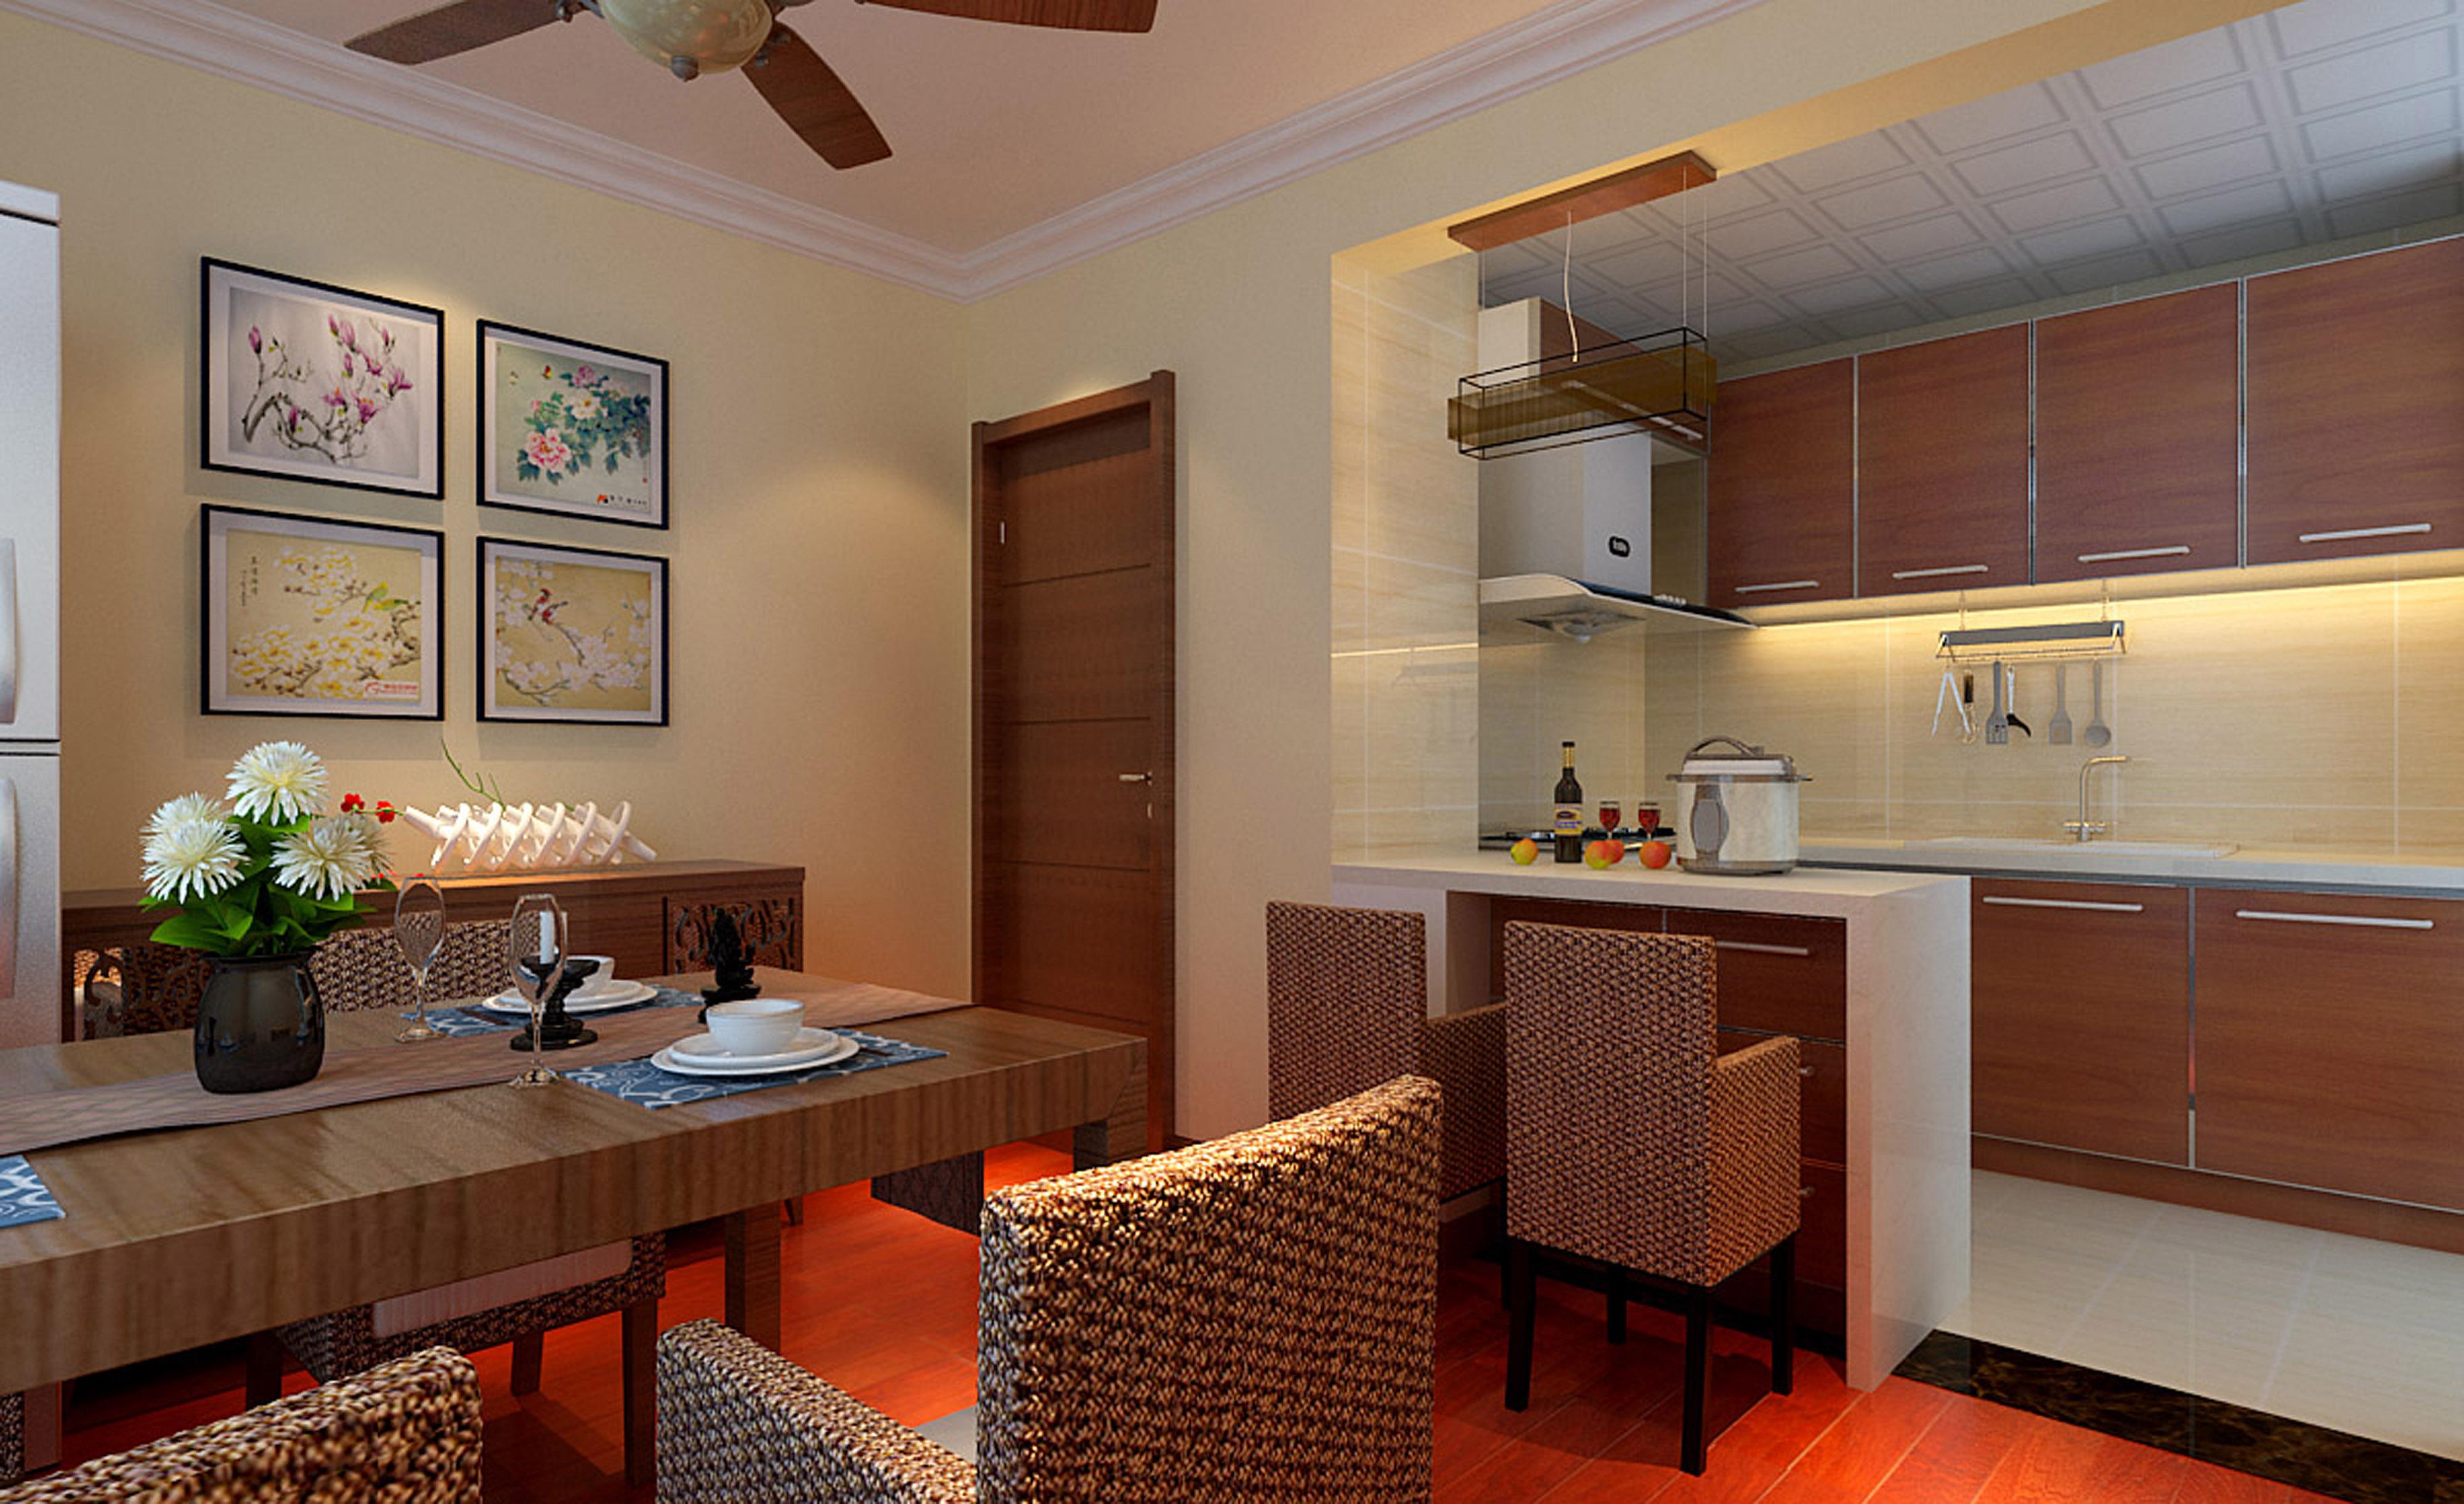 二居 80后 小资 东南亚风格 收纳 餐厅图片来自实创装饰都琳在15.5打造现代简约一居室的分享